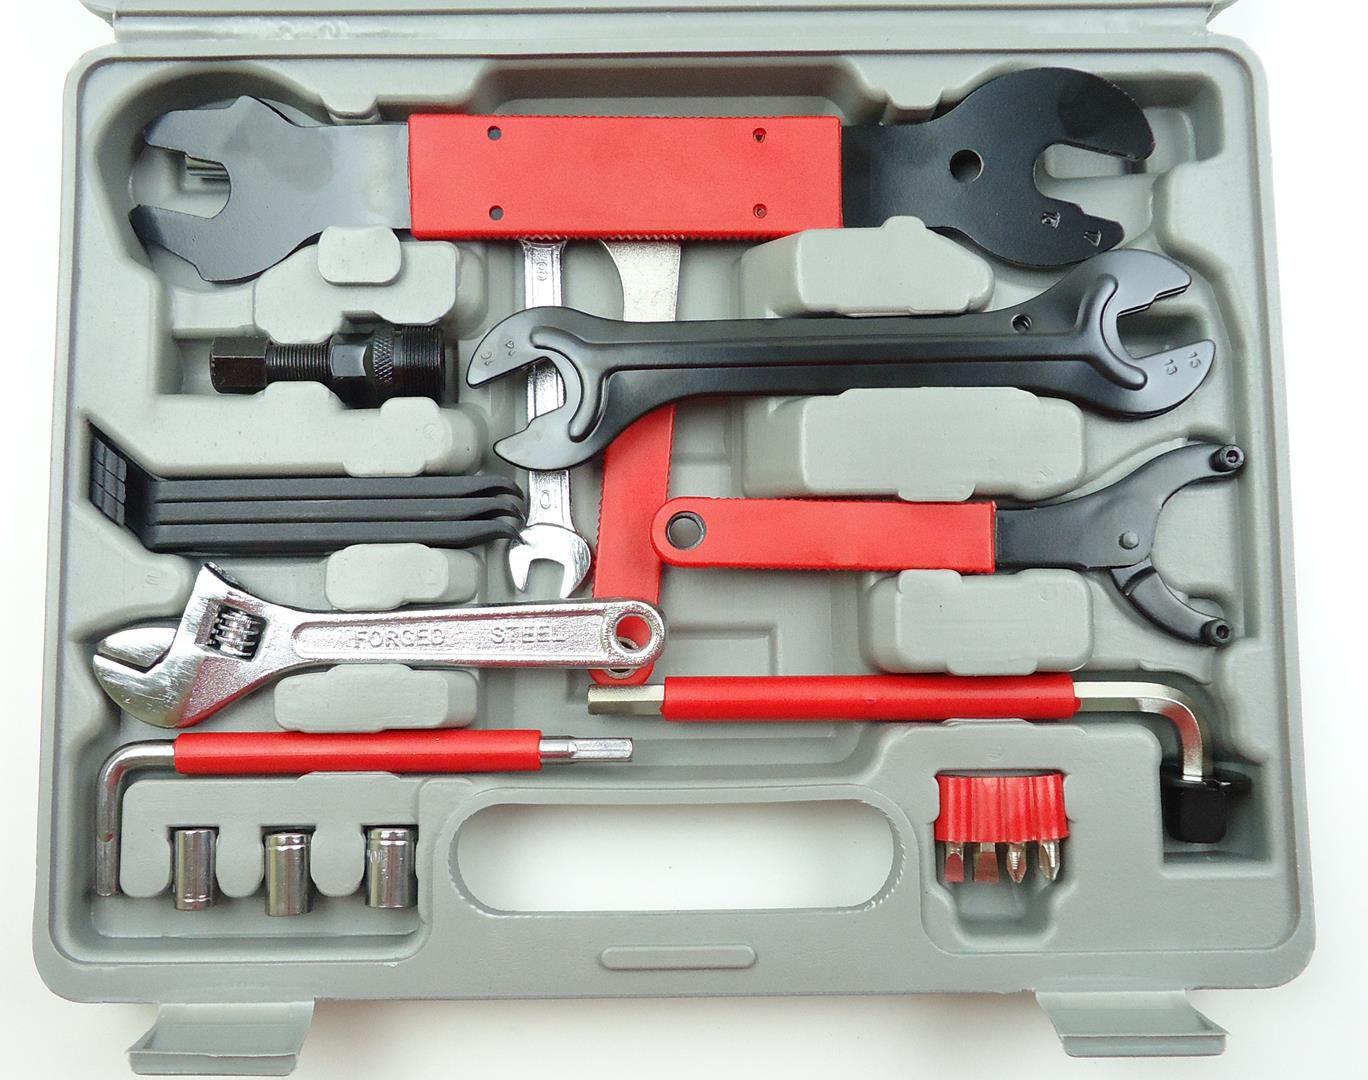 Kit de Ferramentas Profissional JWS com 44 Peças Para Manutenção de Bicicletas com Maleta